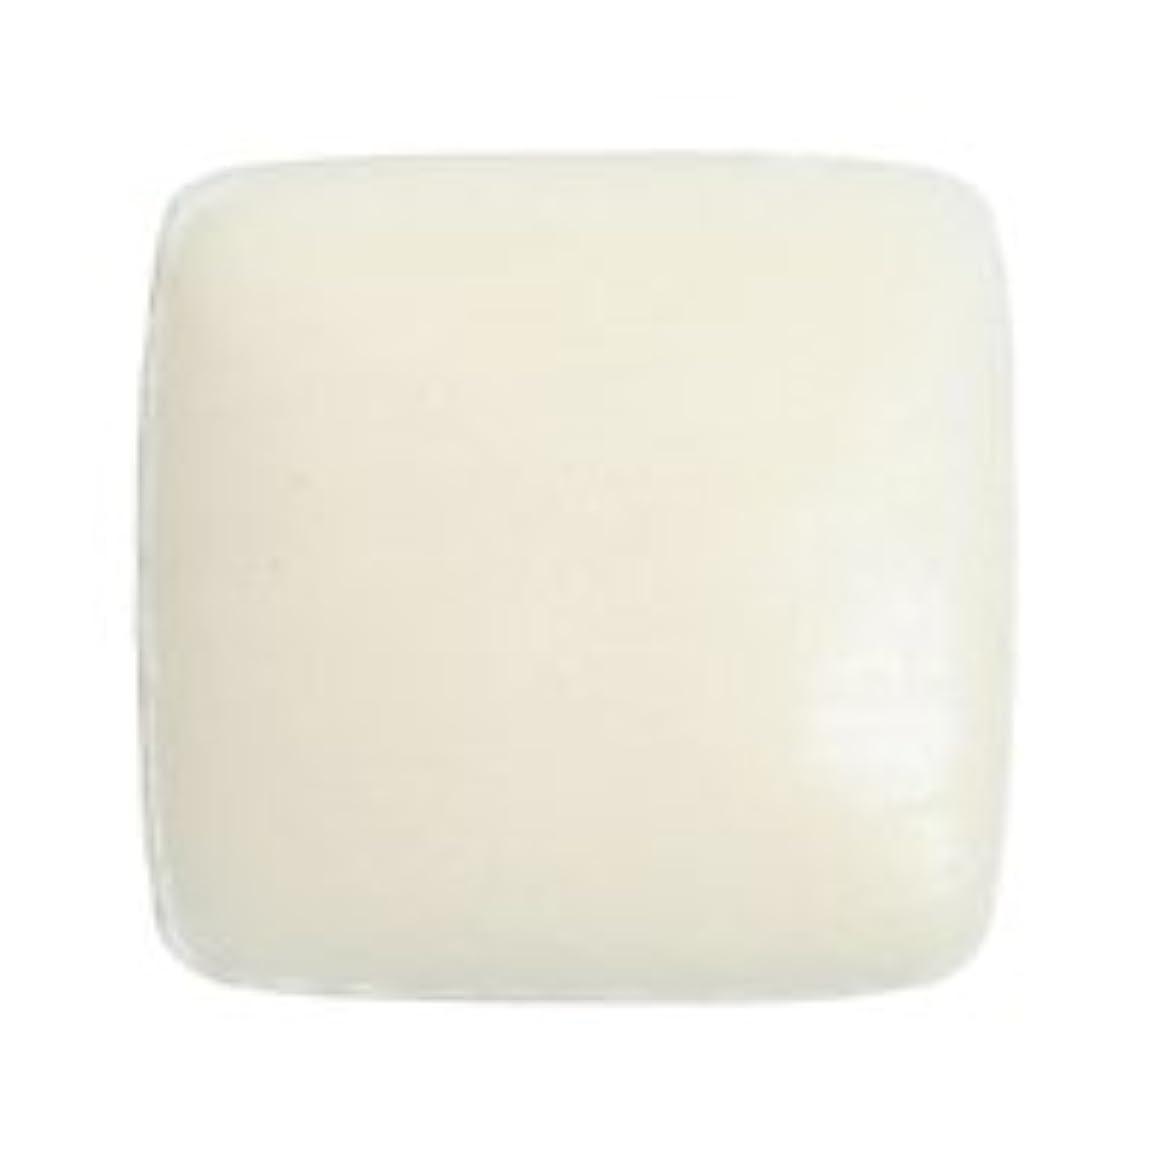 思慮のないインセンティブ会話ドクターY ホワイトクレイソープ80g 固形石鹸